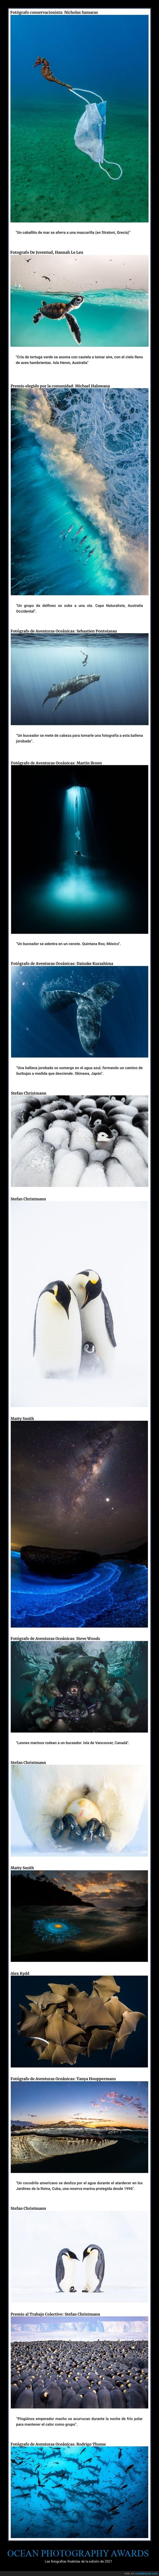 concurso,fotografía,ocean photography awards